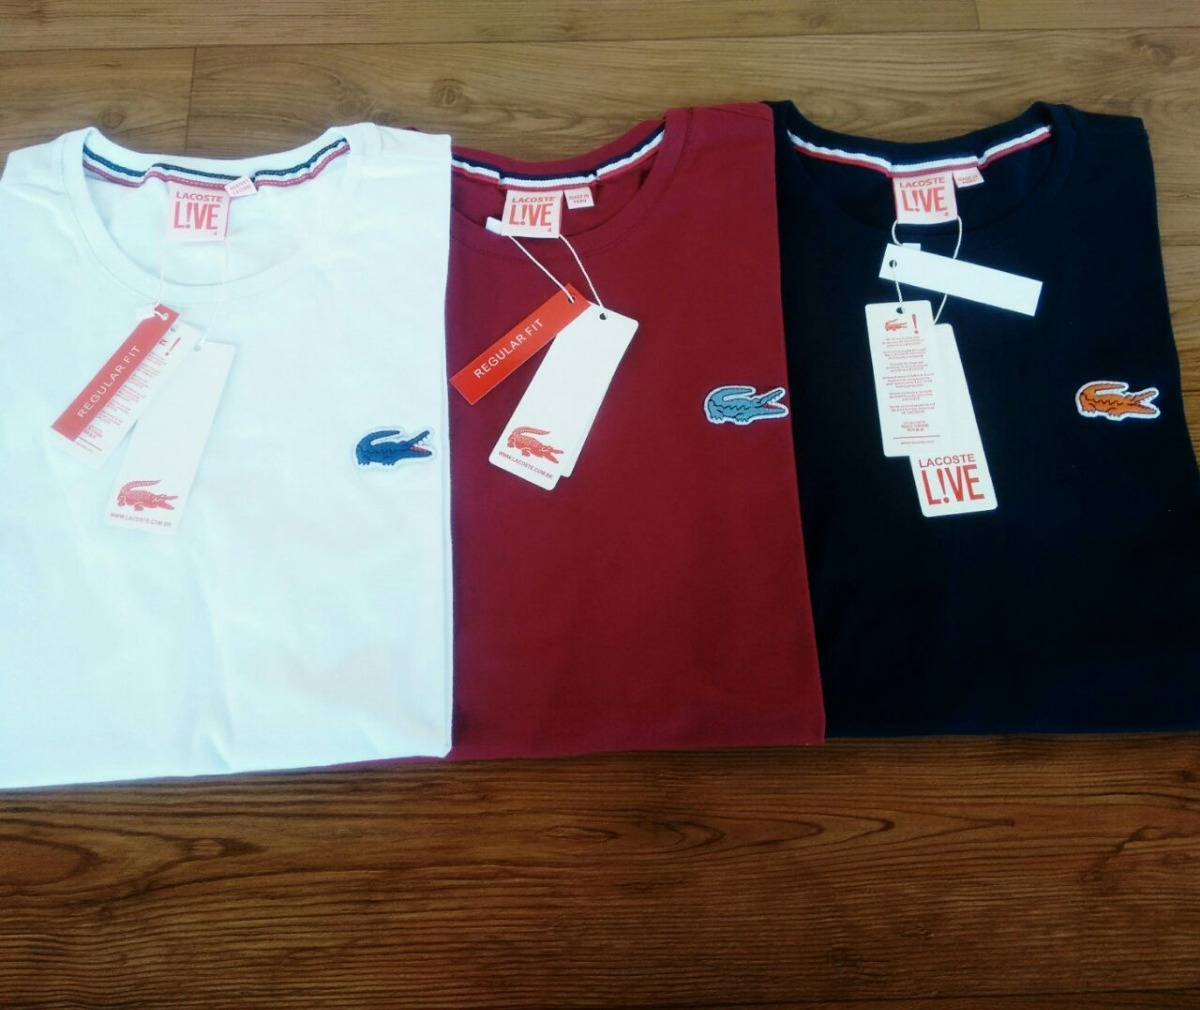 Camiseta Lacoste Live Importadas Peruanas 2 Unidades - R  69,90 em ... 518fc7bdc5